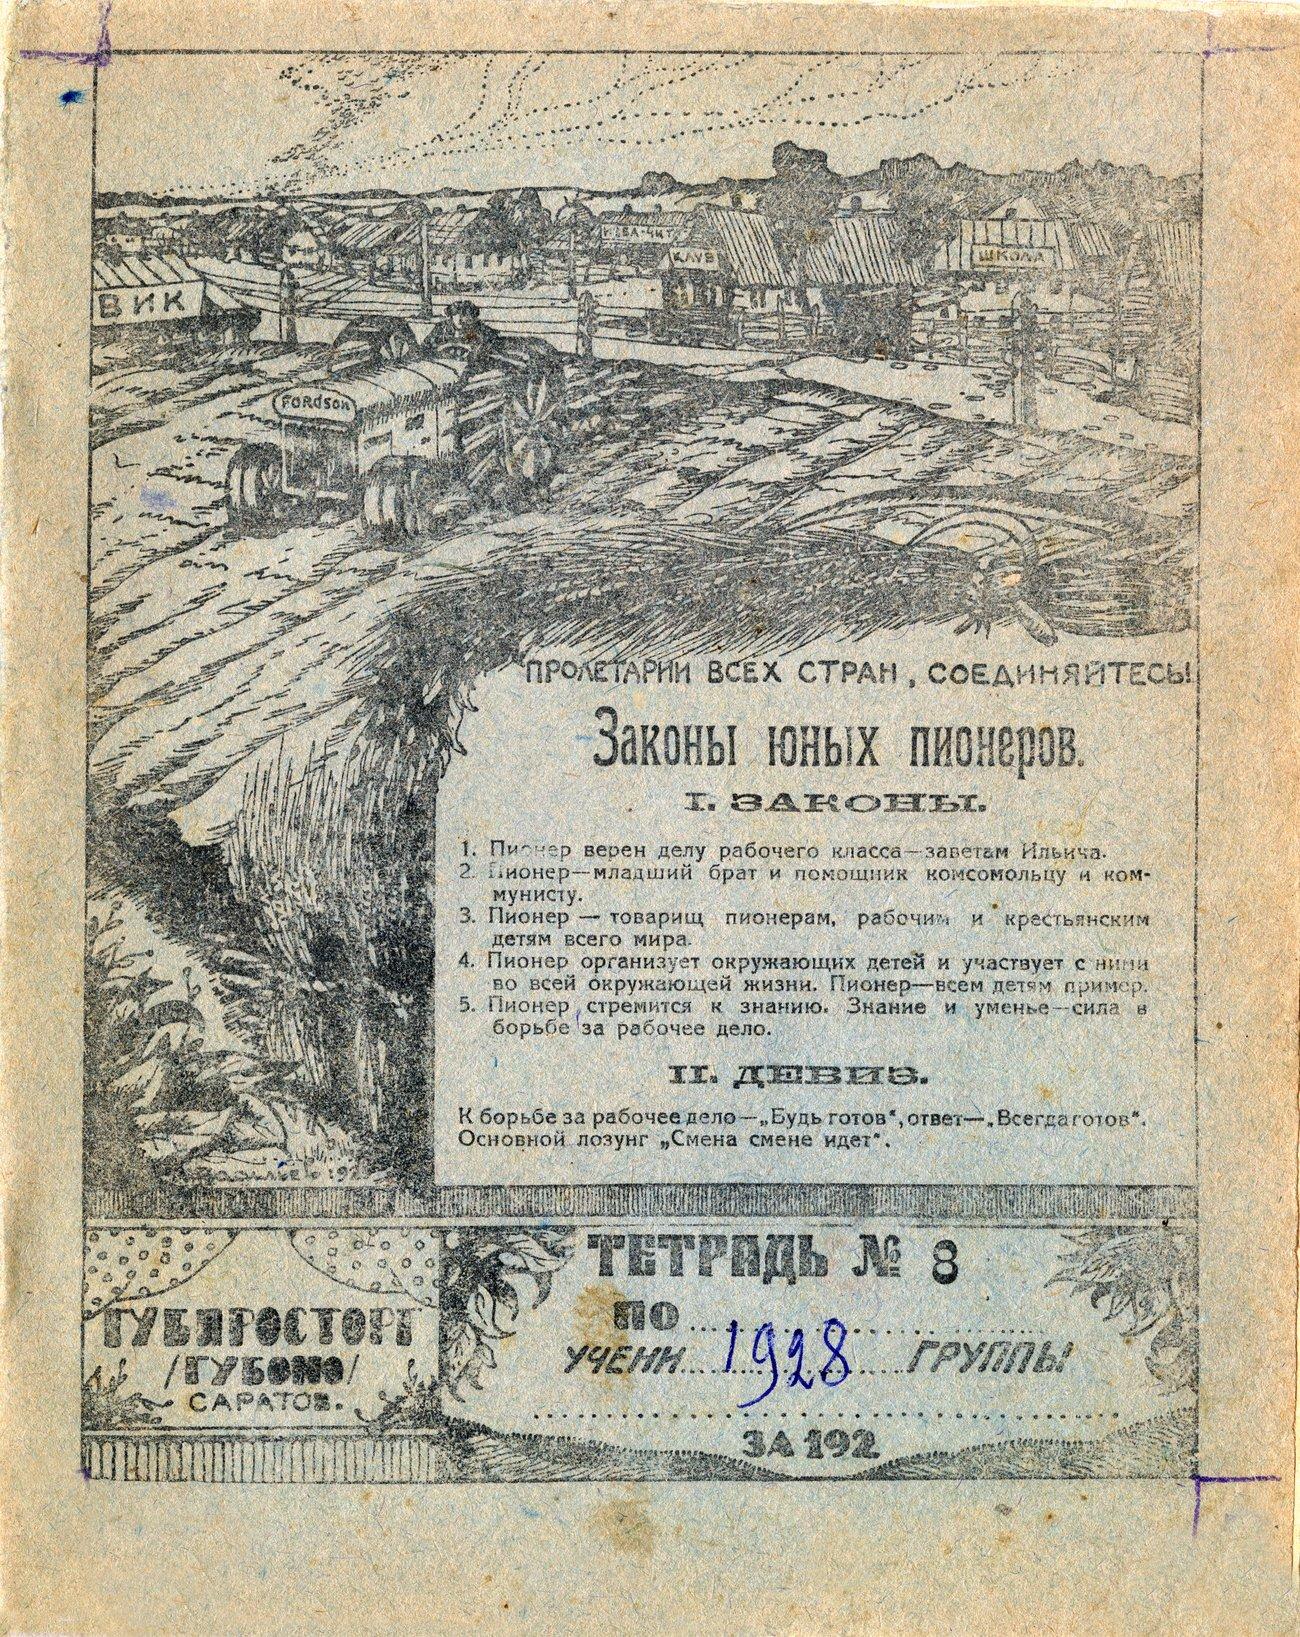 Тетрадь Губпросторг, 1928, 175х220